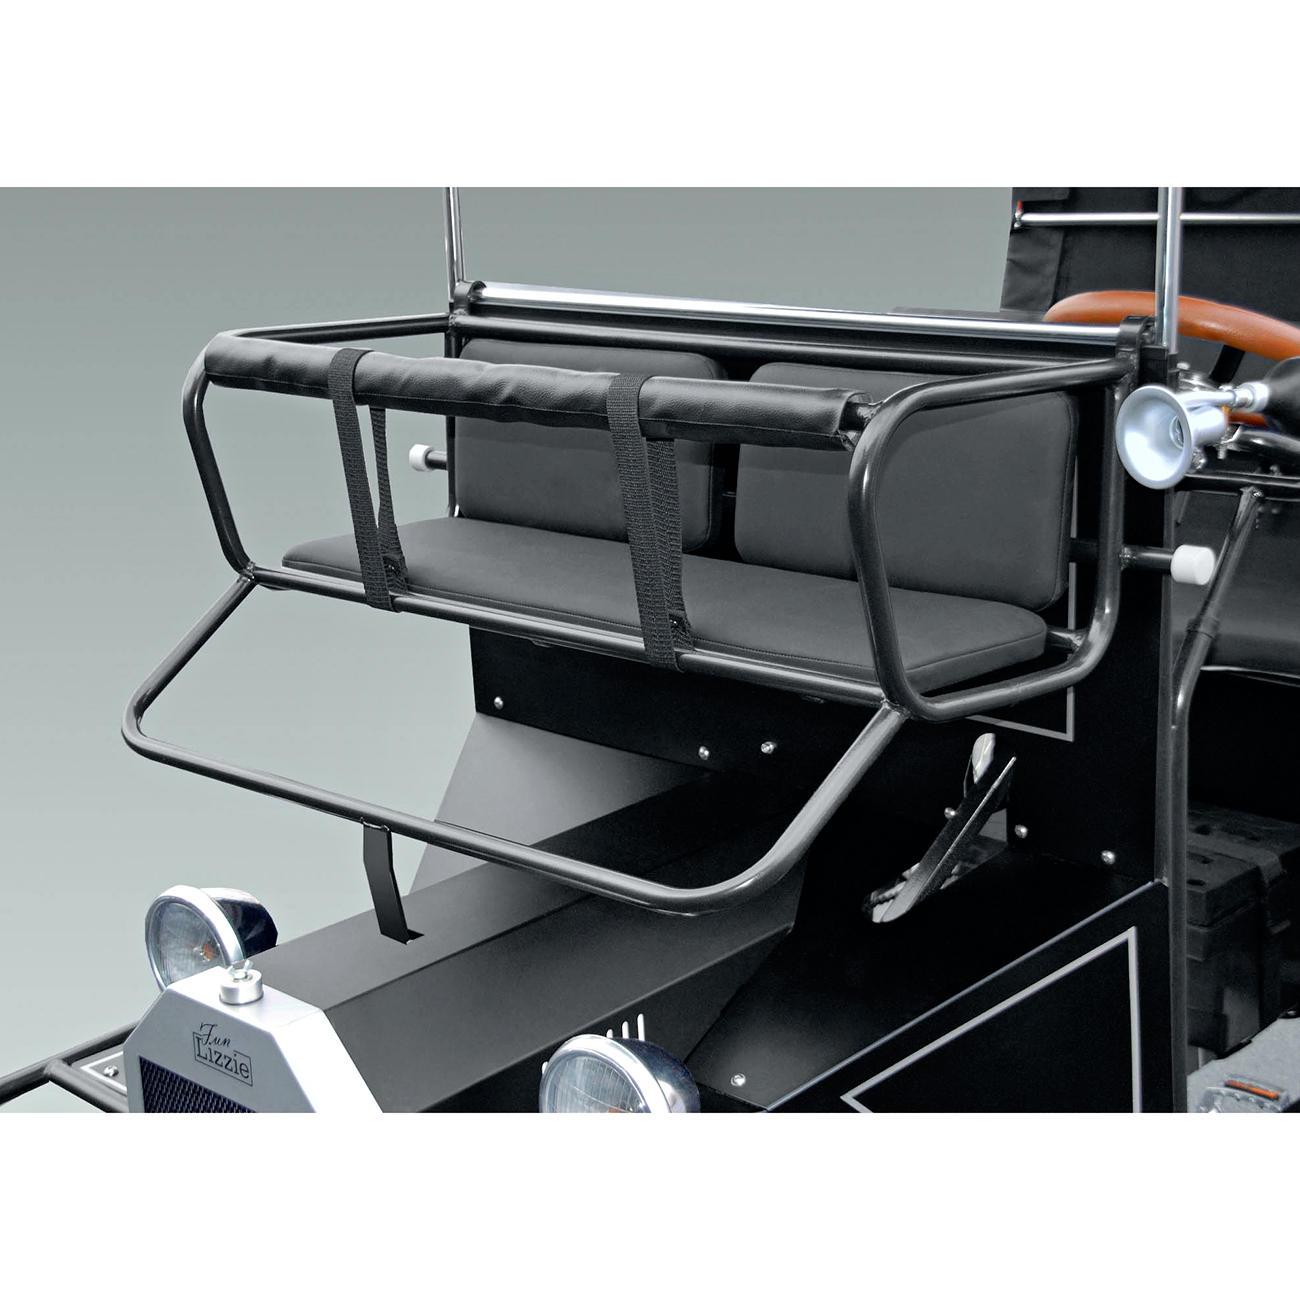 fun lizzie 4 rad bike mit pedelec antrieb online kaufen. Black Bedroom Furniture Sets. Home Design Ideas